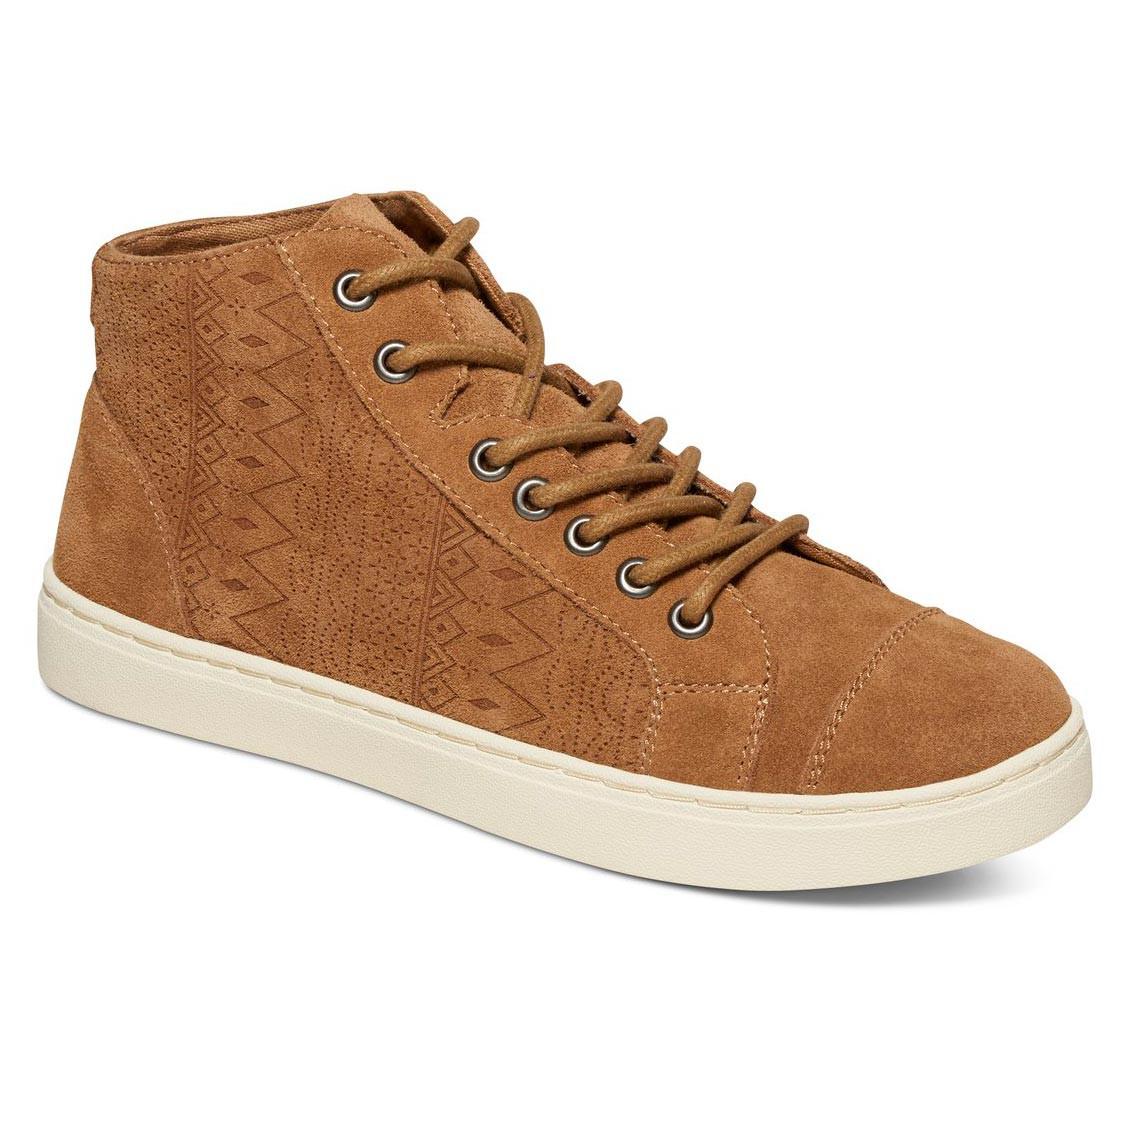 Zimní boty Roxy Melbourne tan